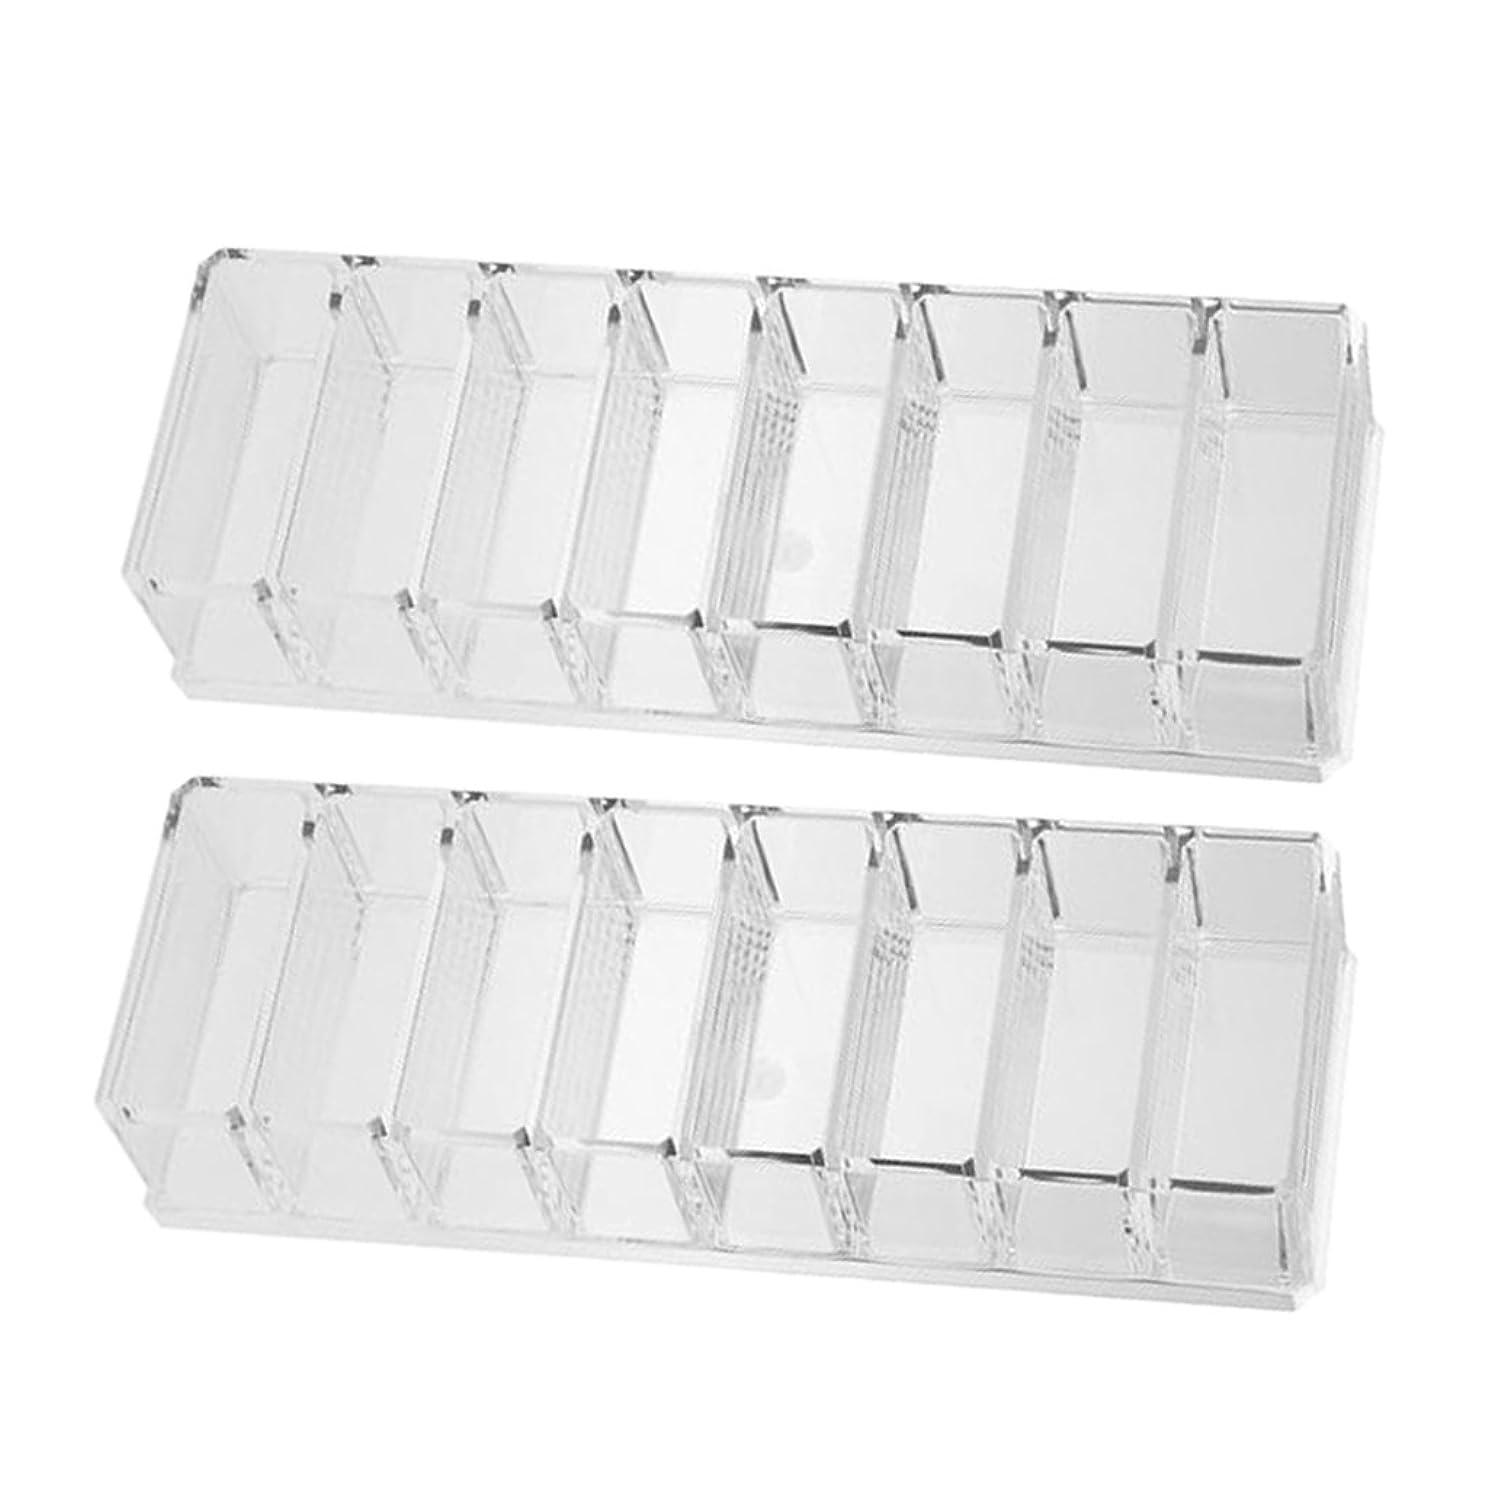 レパートリー味方ミュートKesoto コンパクトパウダーケースホルダー8仕切り 2個入り 透明 化粧品収納 机整理